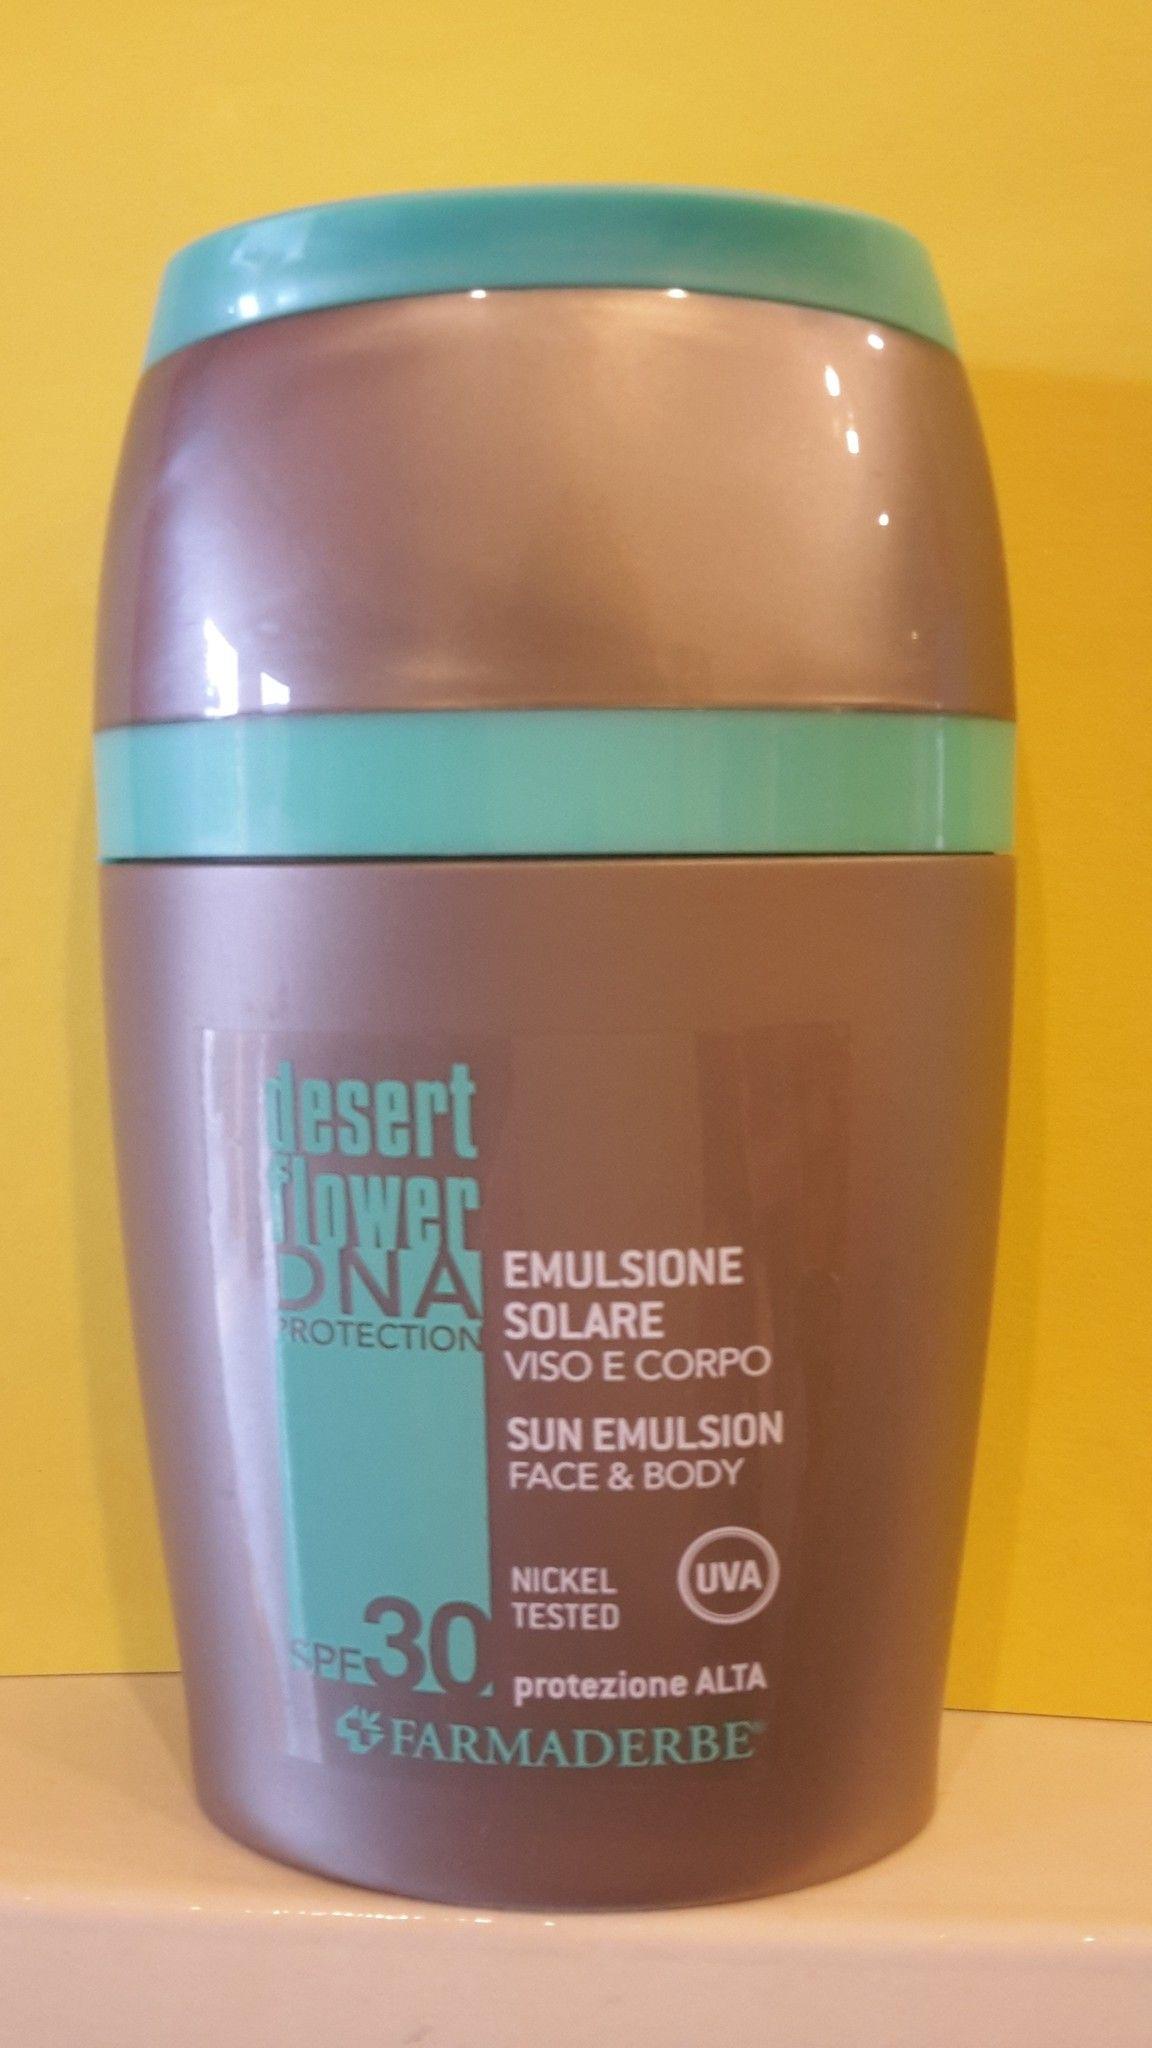 SOLARI SPF 30  Viso - Corpo 125 ml- Farmaderbe